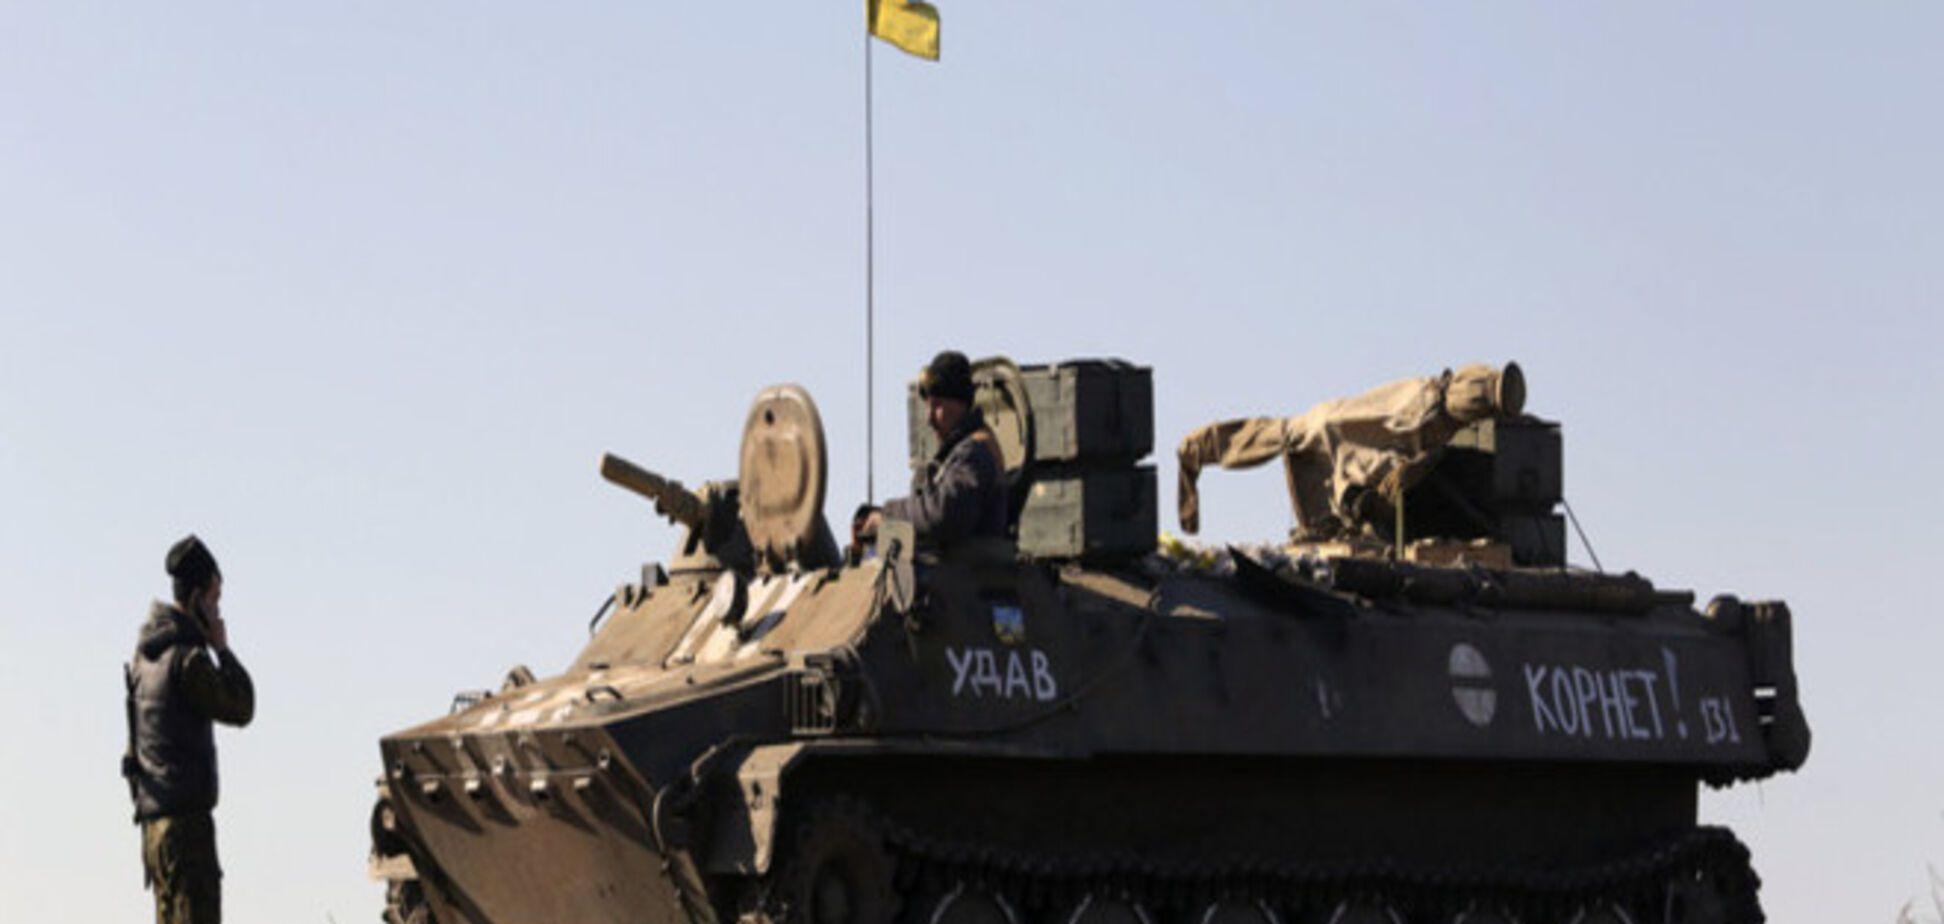 Руководство к действию на основании оценки военной, политической и экономической ситуации в Украине